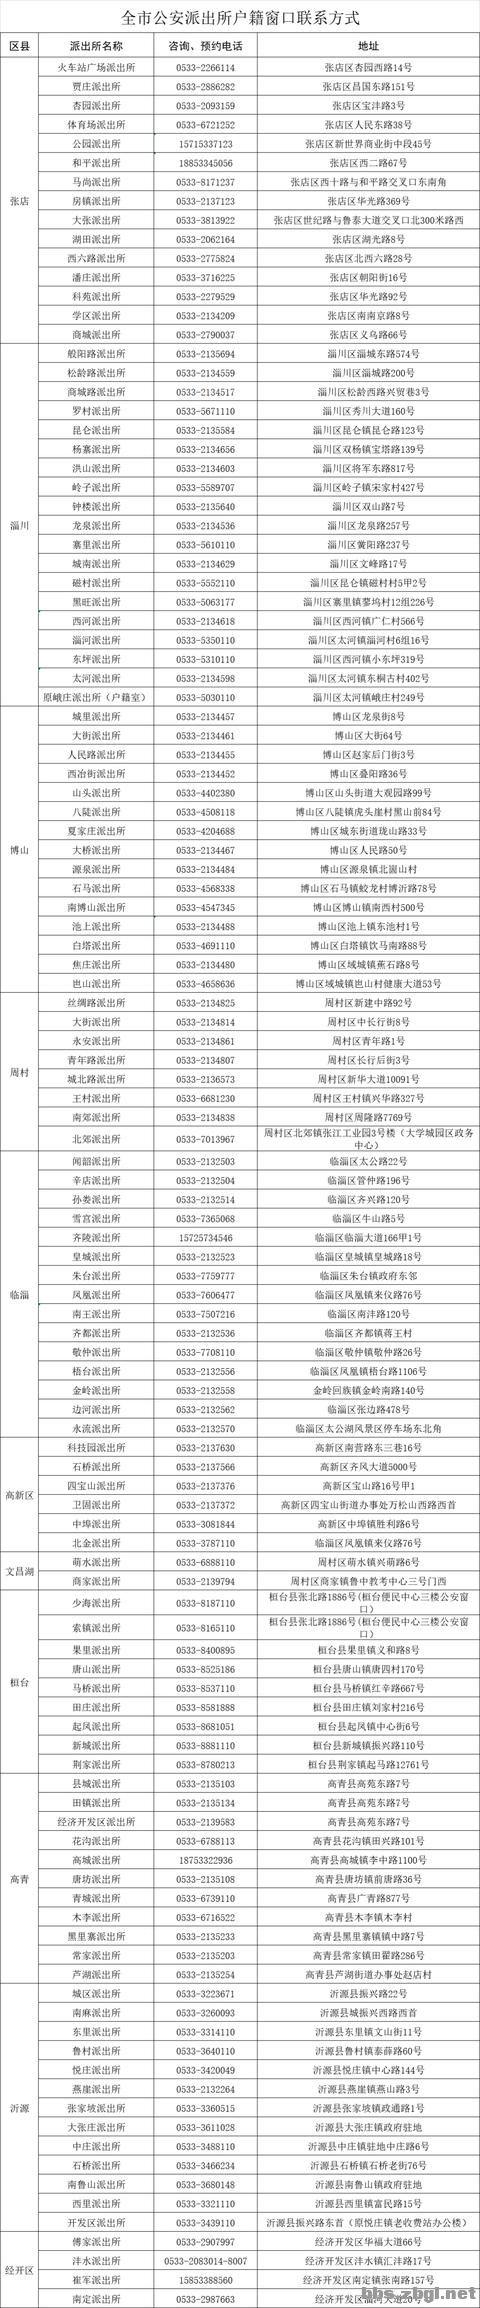 关于2021年元旦假期户籍窗口便民服务工作公告-2.jpg